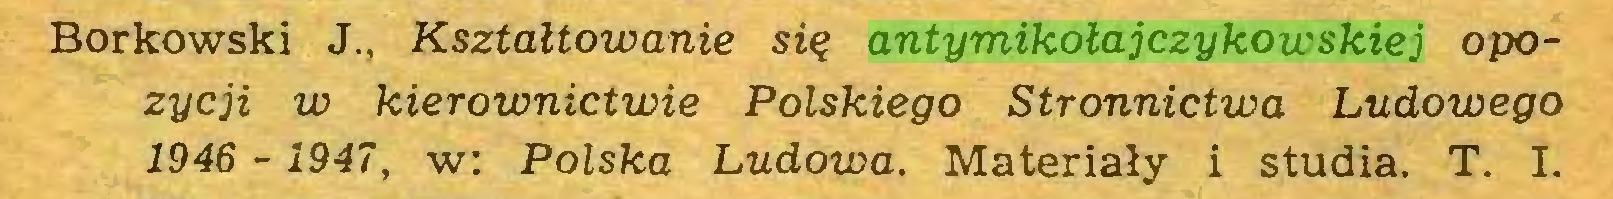 (...) Borkowski J., Kształtowanie się antymikołajczykowskiej opozycji w kierownictwie Polskiego Stronnictwa Ludowego 1946 - 1947, w: Polska Ludowa. Materiały i studia. T. I...